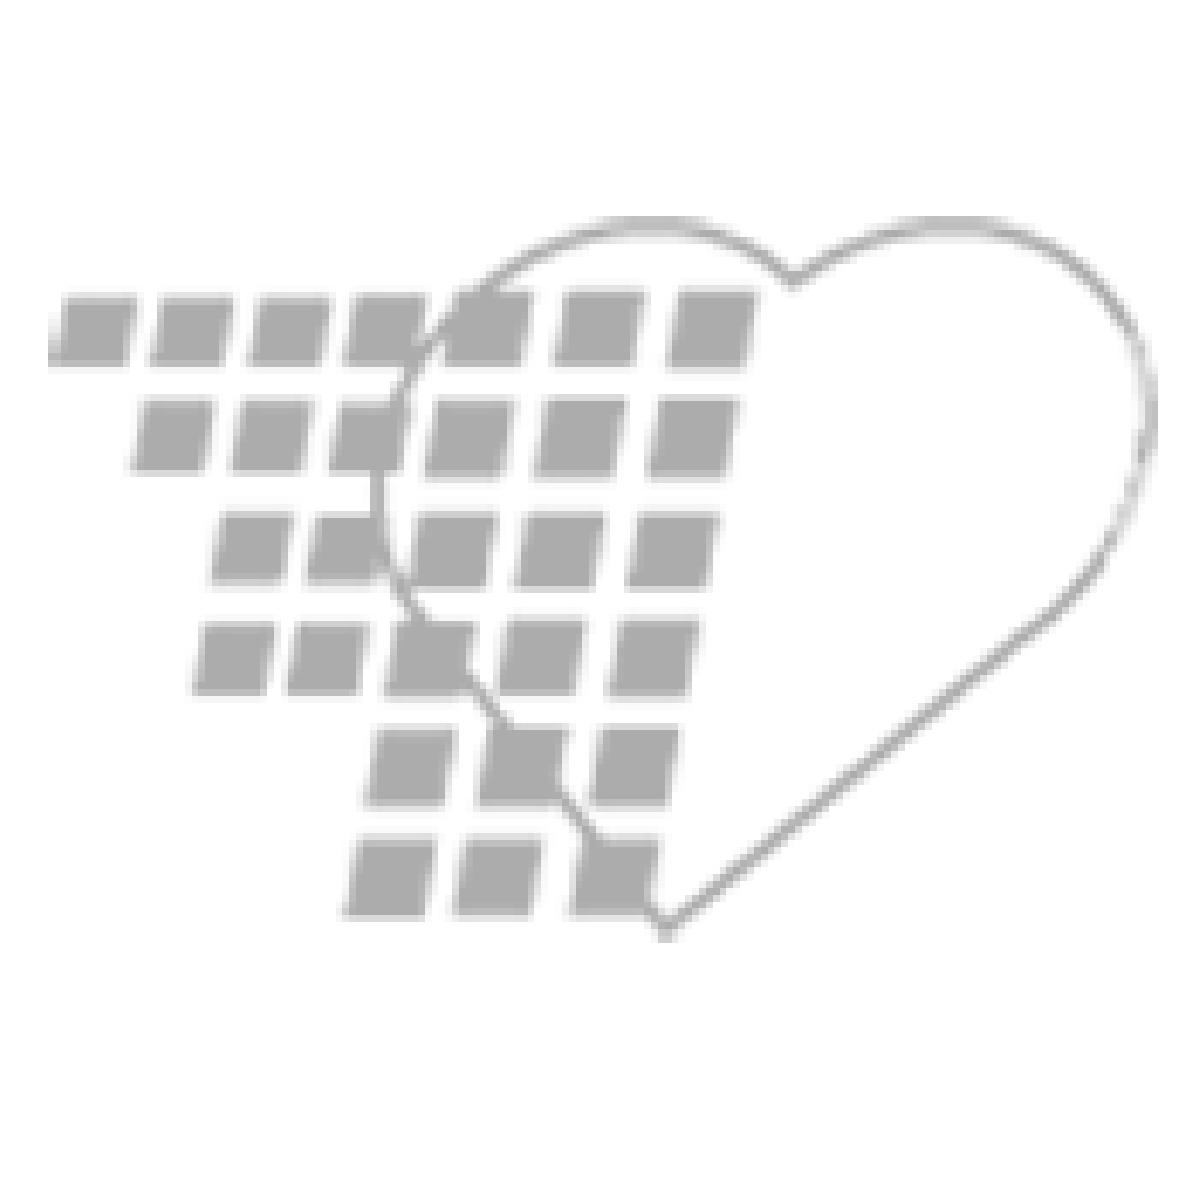 06-21-2254 - Veinlite LED®